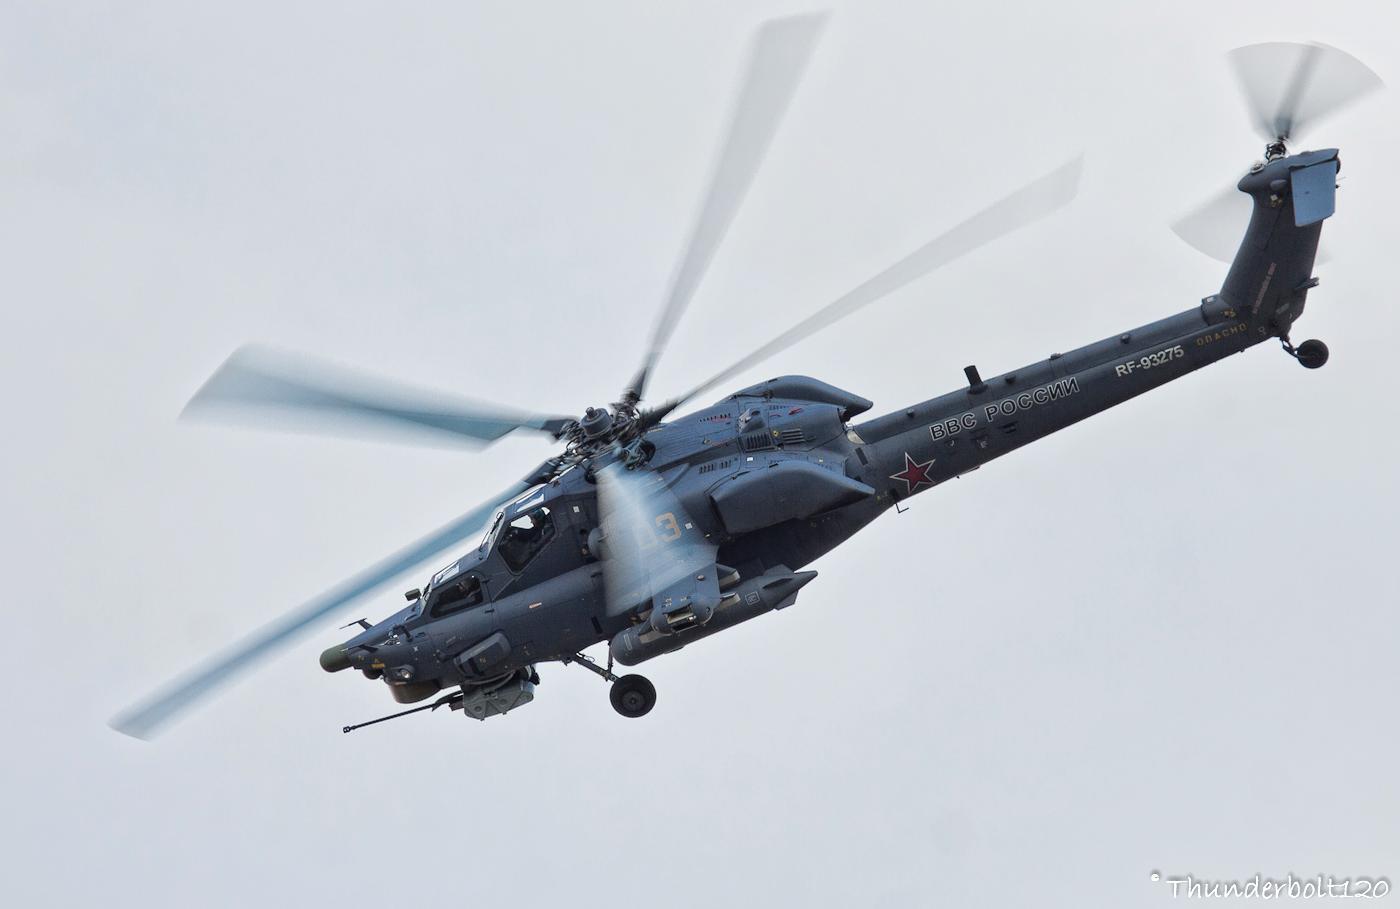 Mil Mi-28NE RF-93275 Berkuts